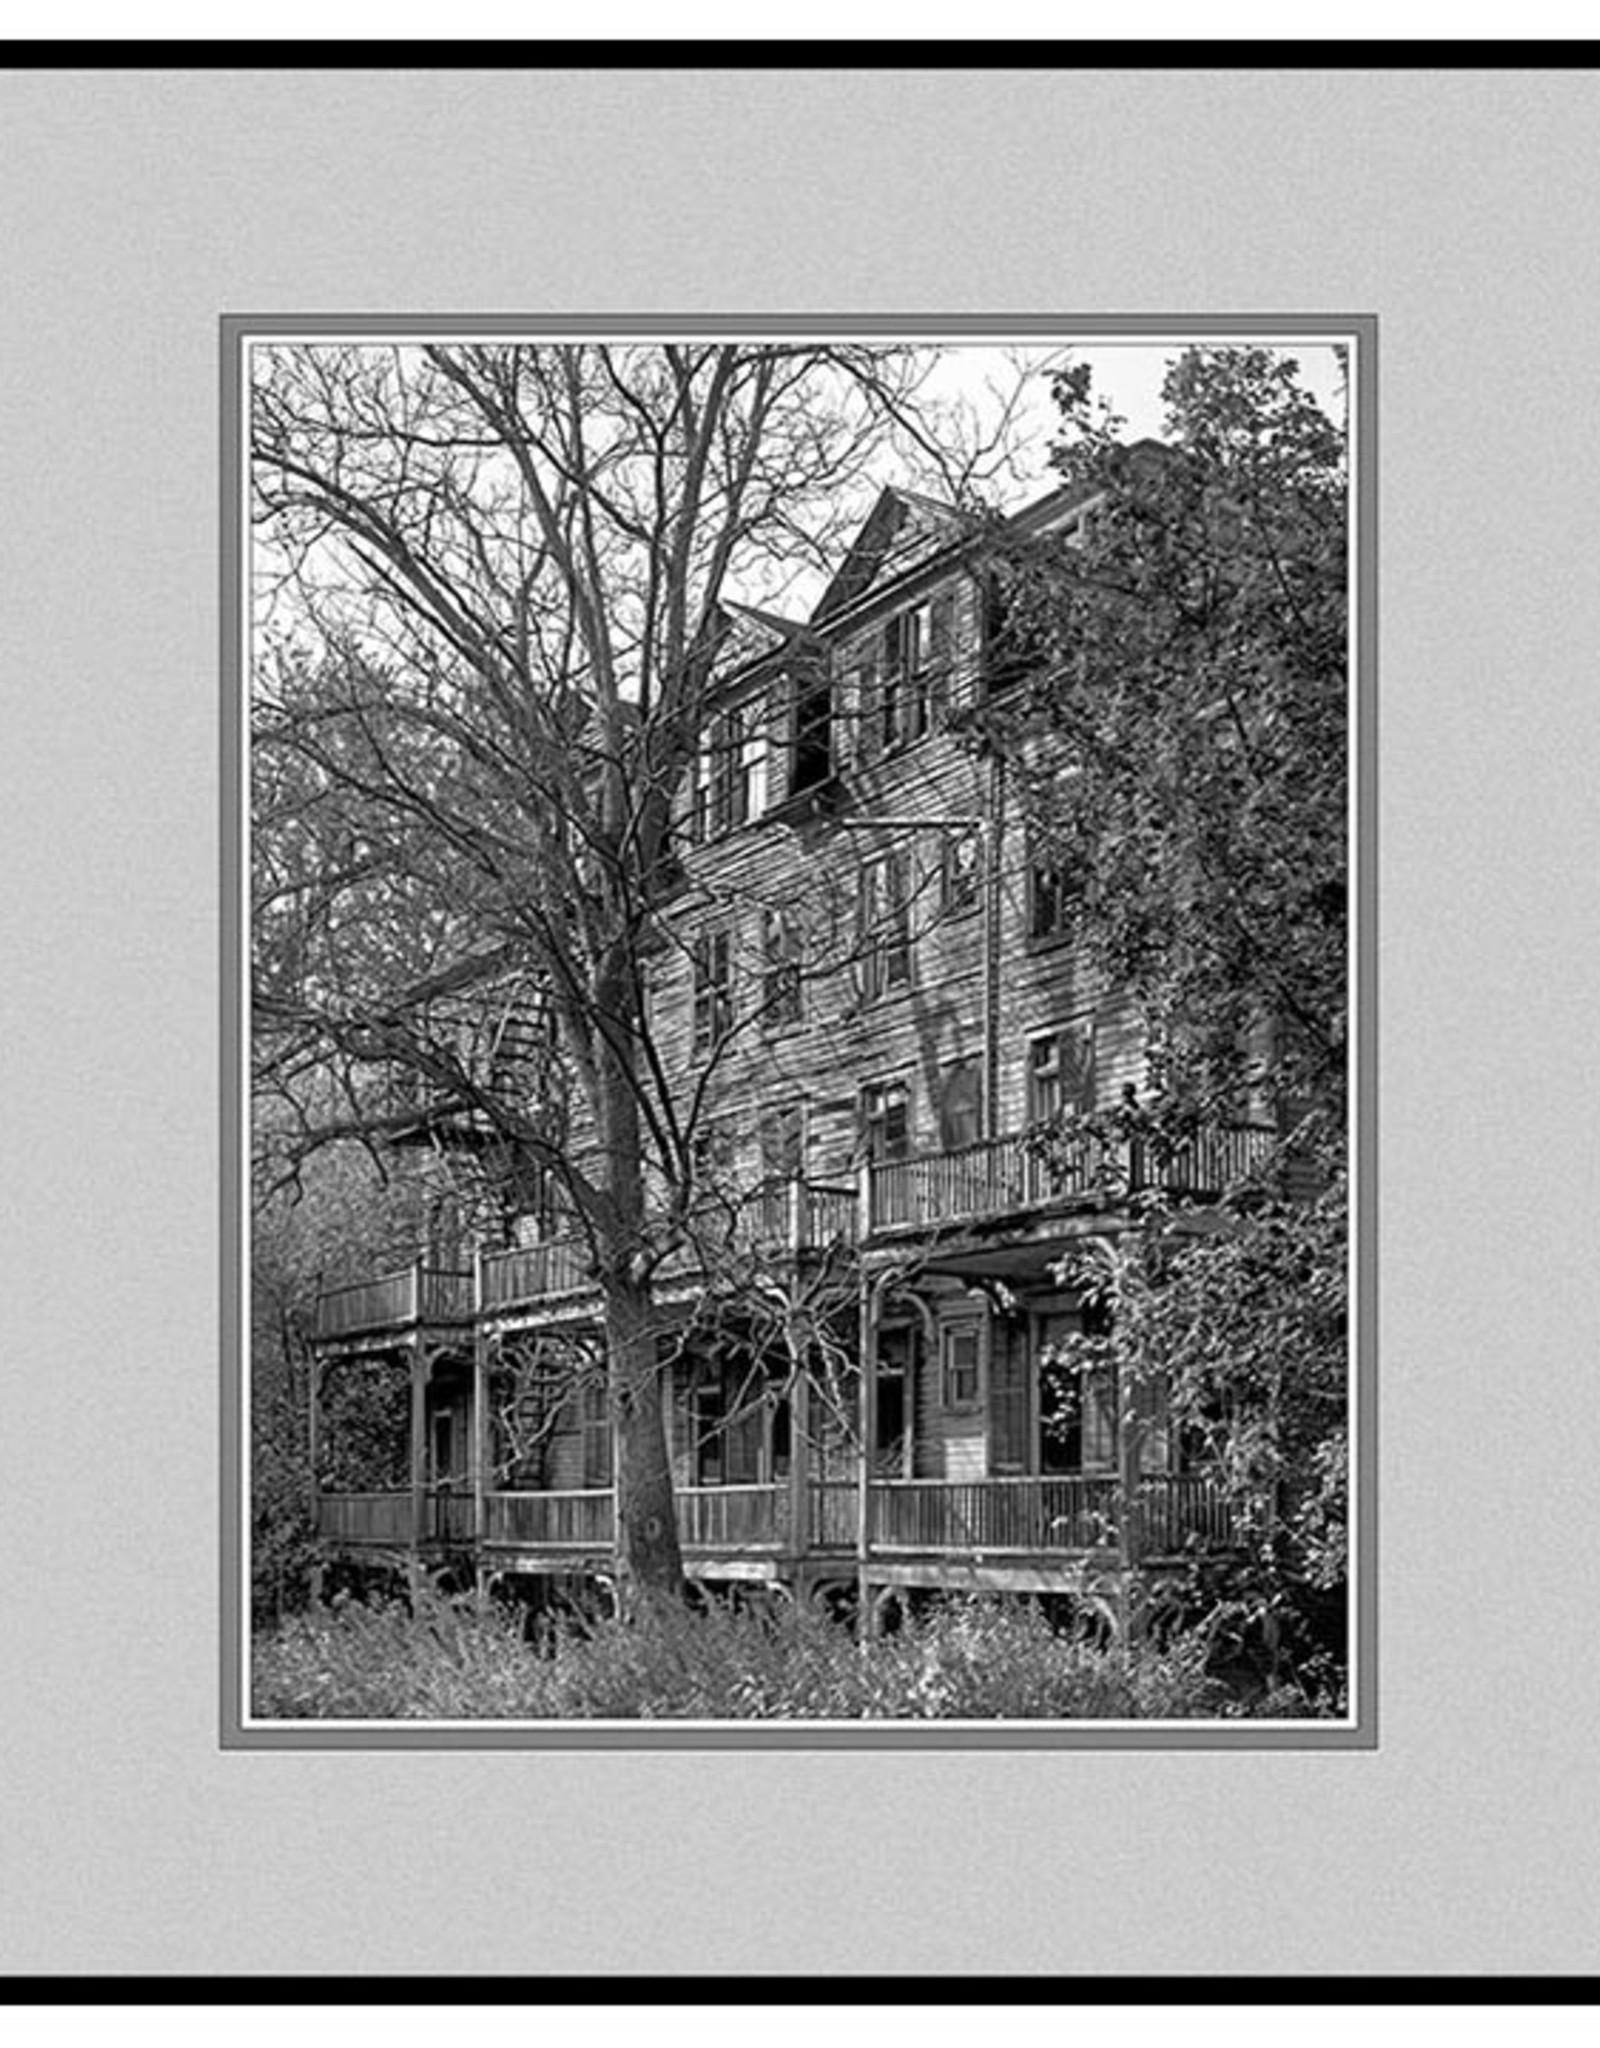 Erskine Wood Dewey Tavern, Vermont